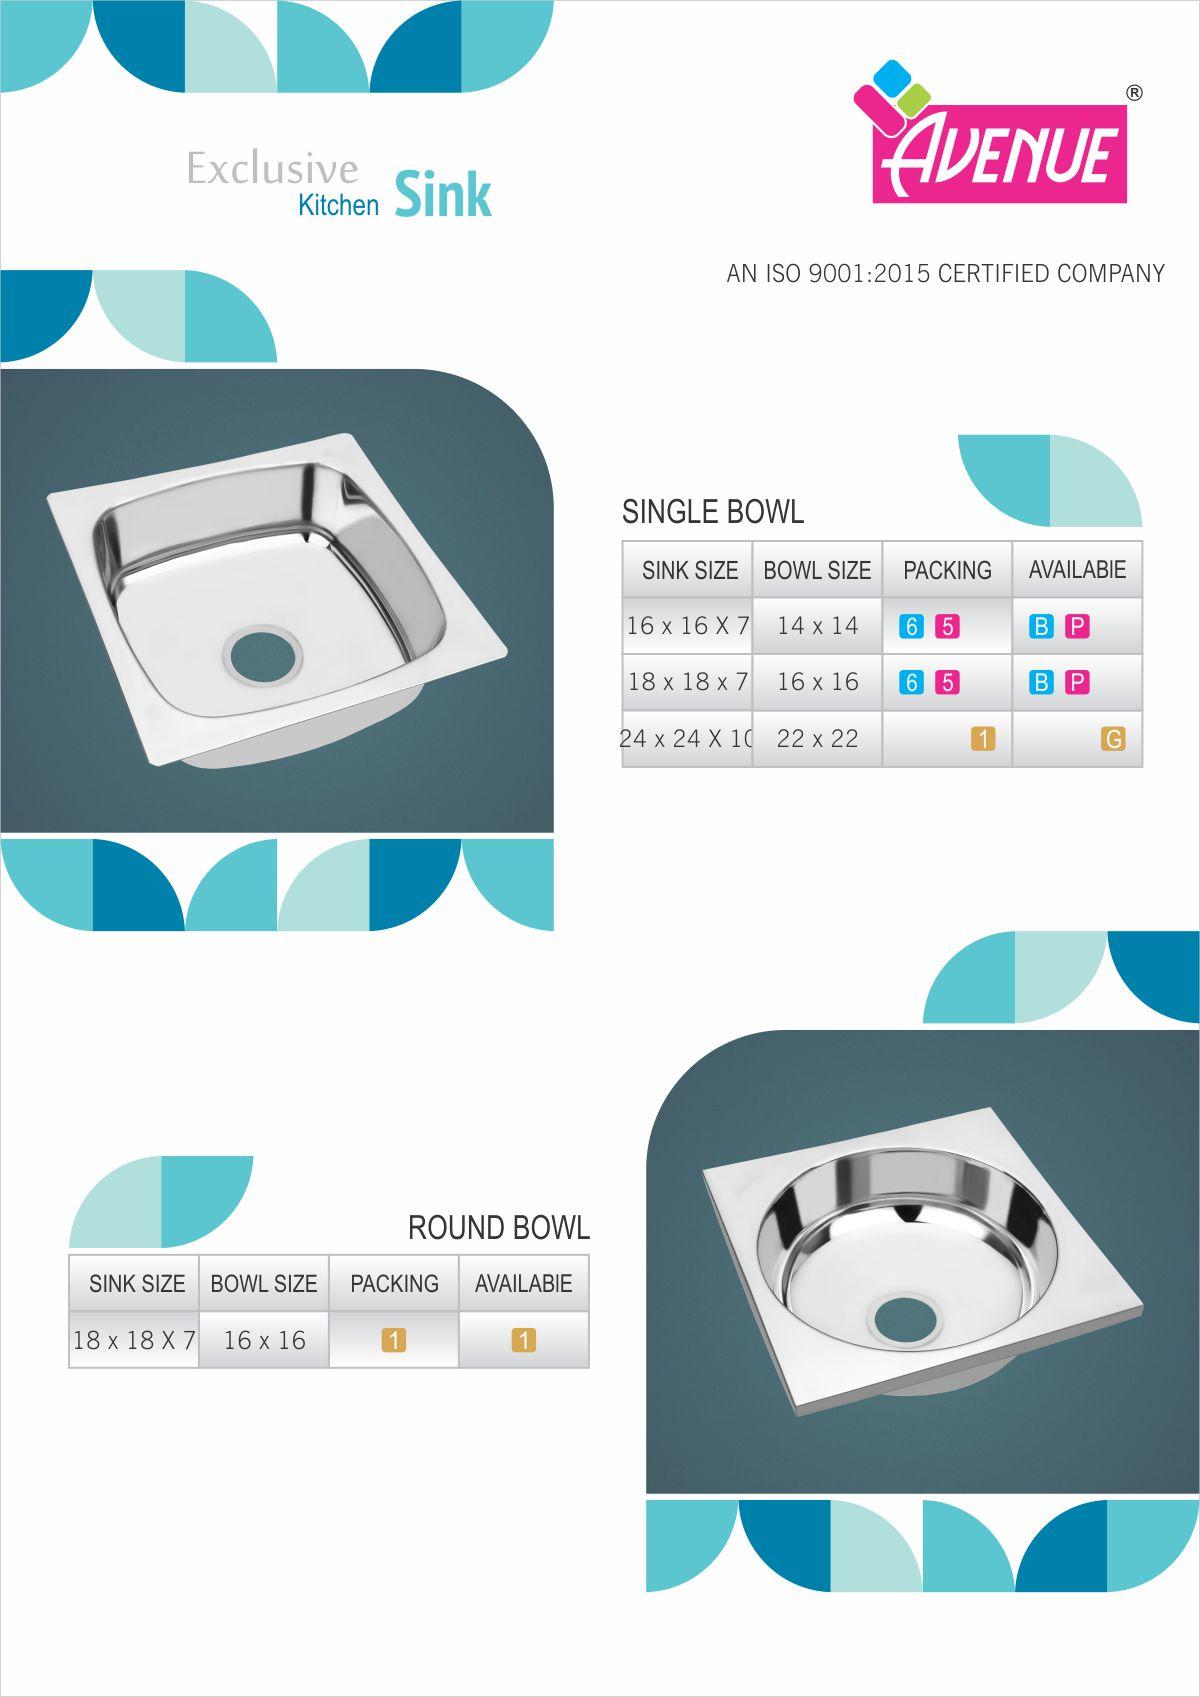 Groovy Kitchen Sinks Kitchen Sinks Manufacturer Kitchen Sinks Download Free Architecture Designs Scobabritishbridgeorg